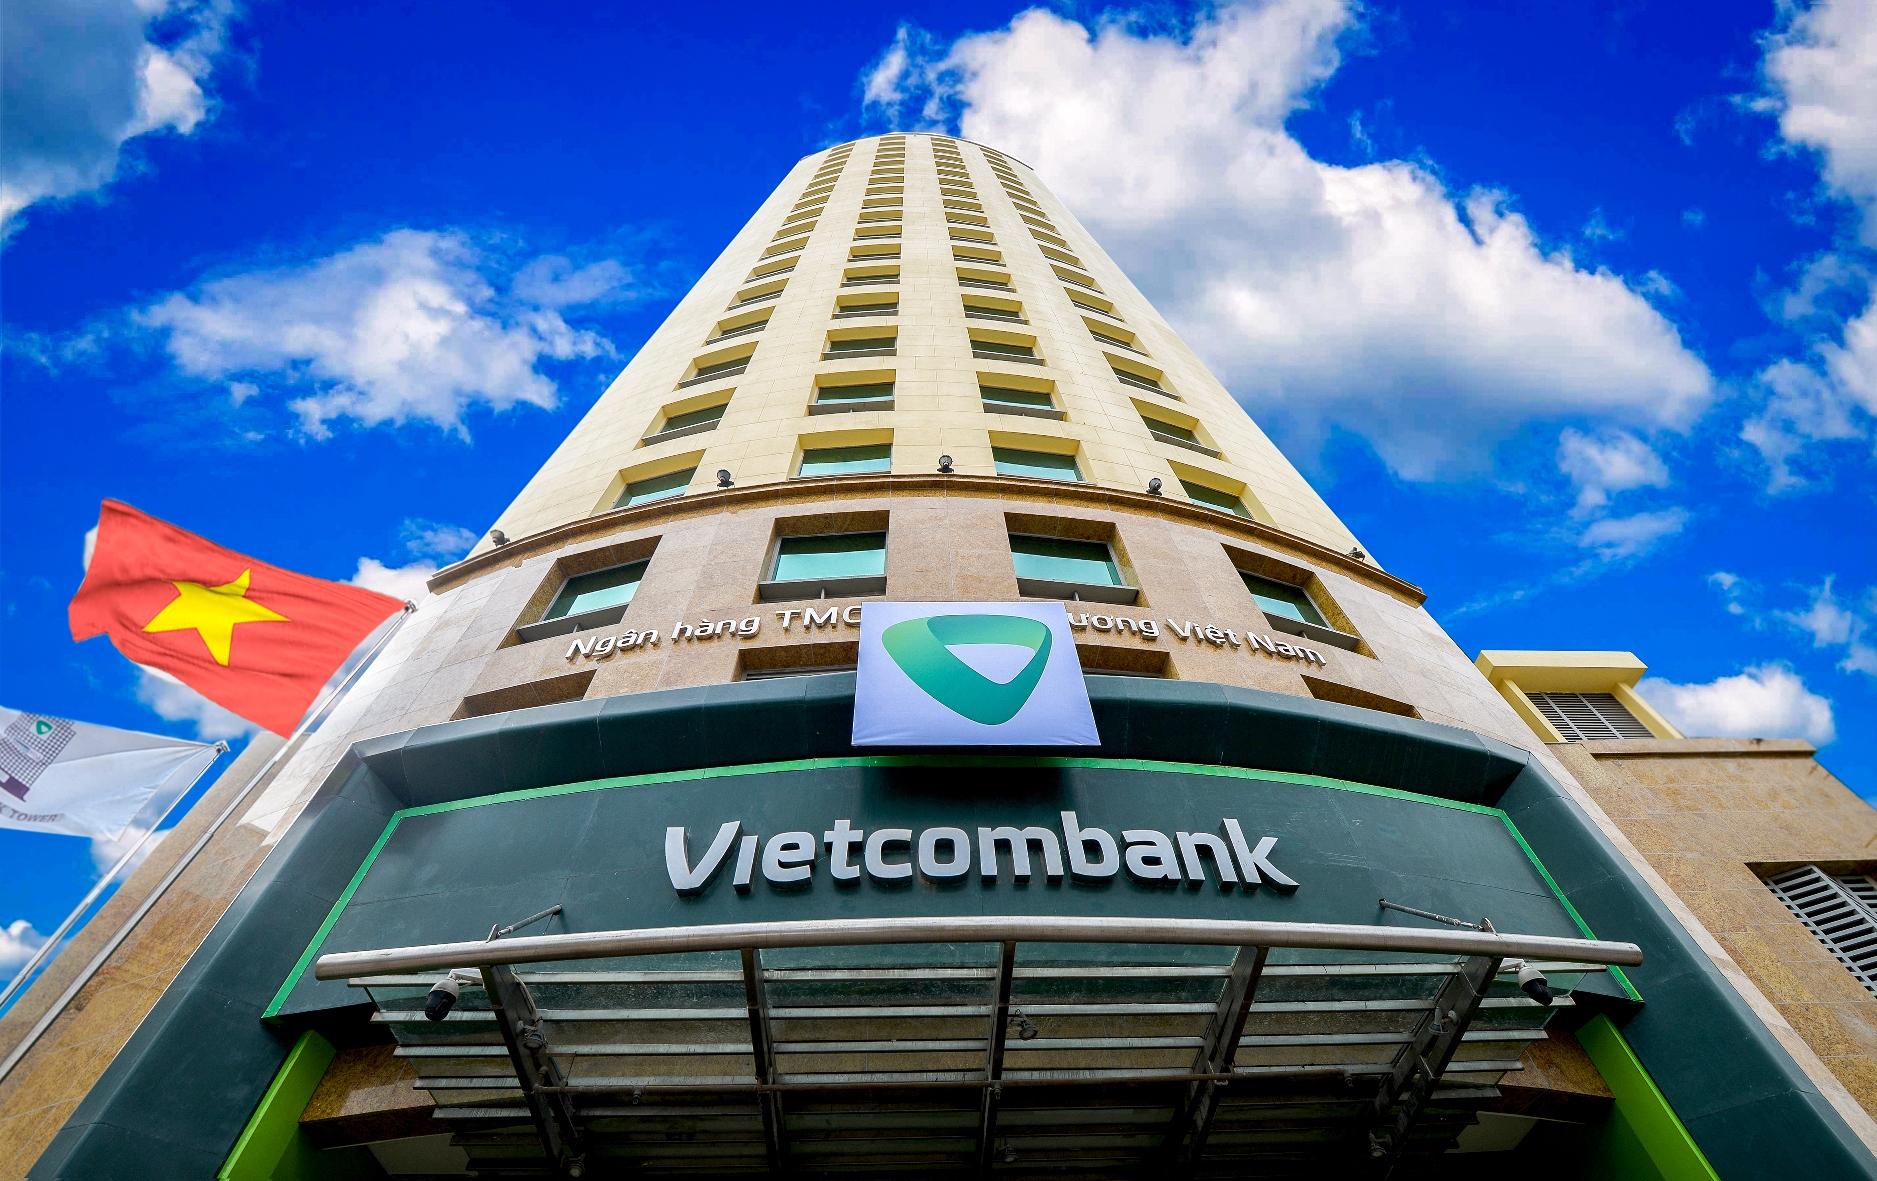 Vietcombank tiếp tục là thương hiệu ngân hàng có giá trị nhất Việt Nam - Ảnh 3